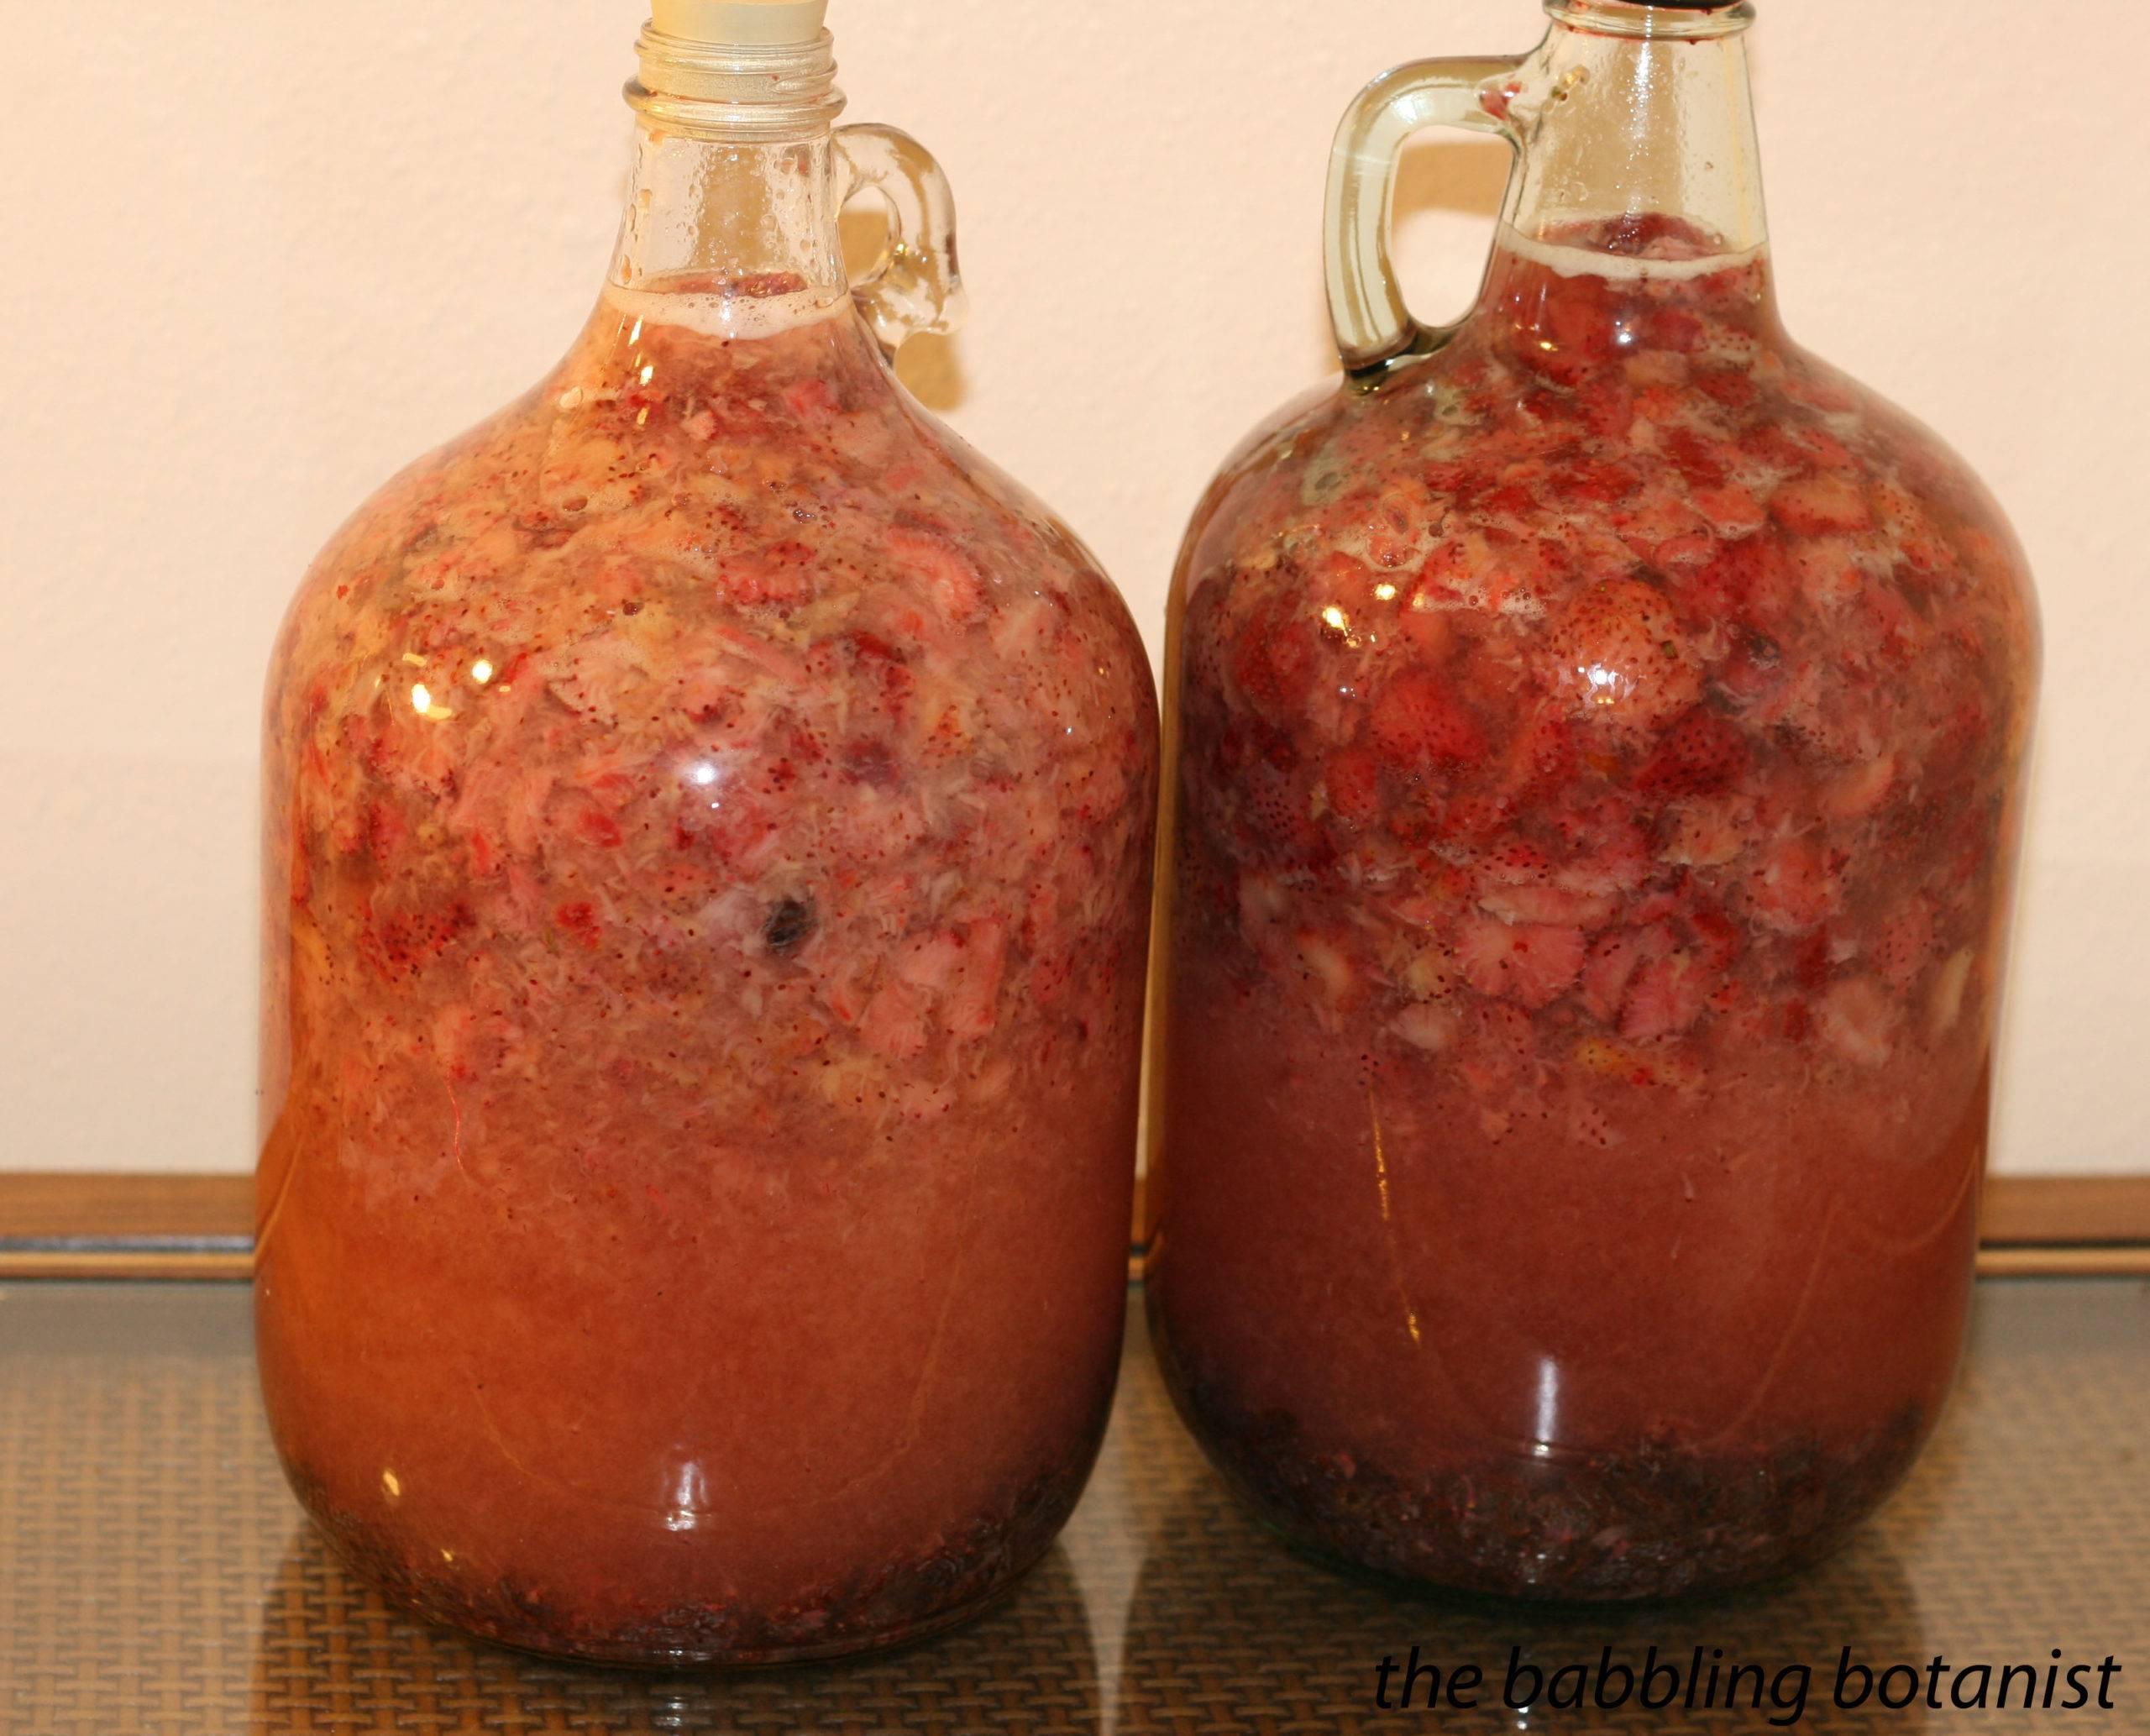 Вино из ранеток: простые и оригинальные рецепты приготовления в домашних условиях